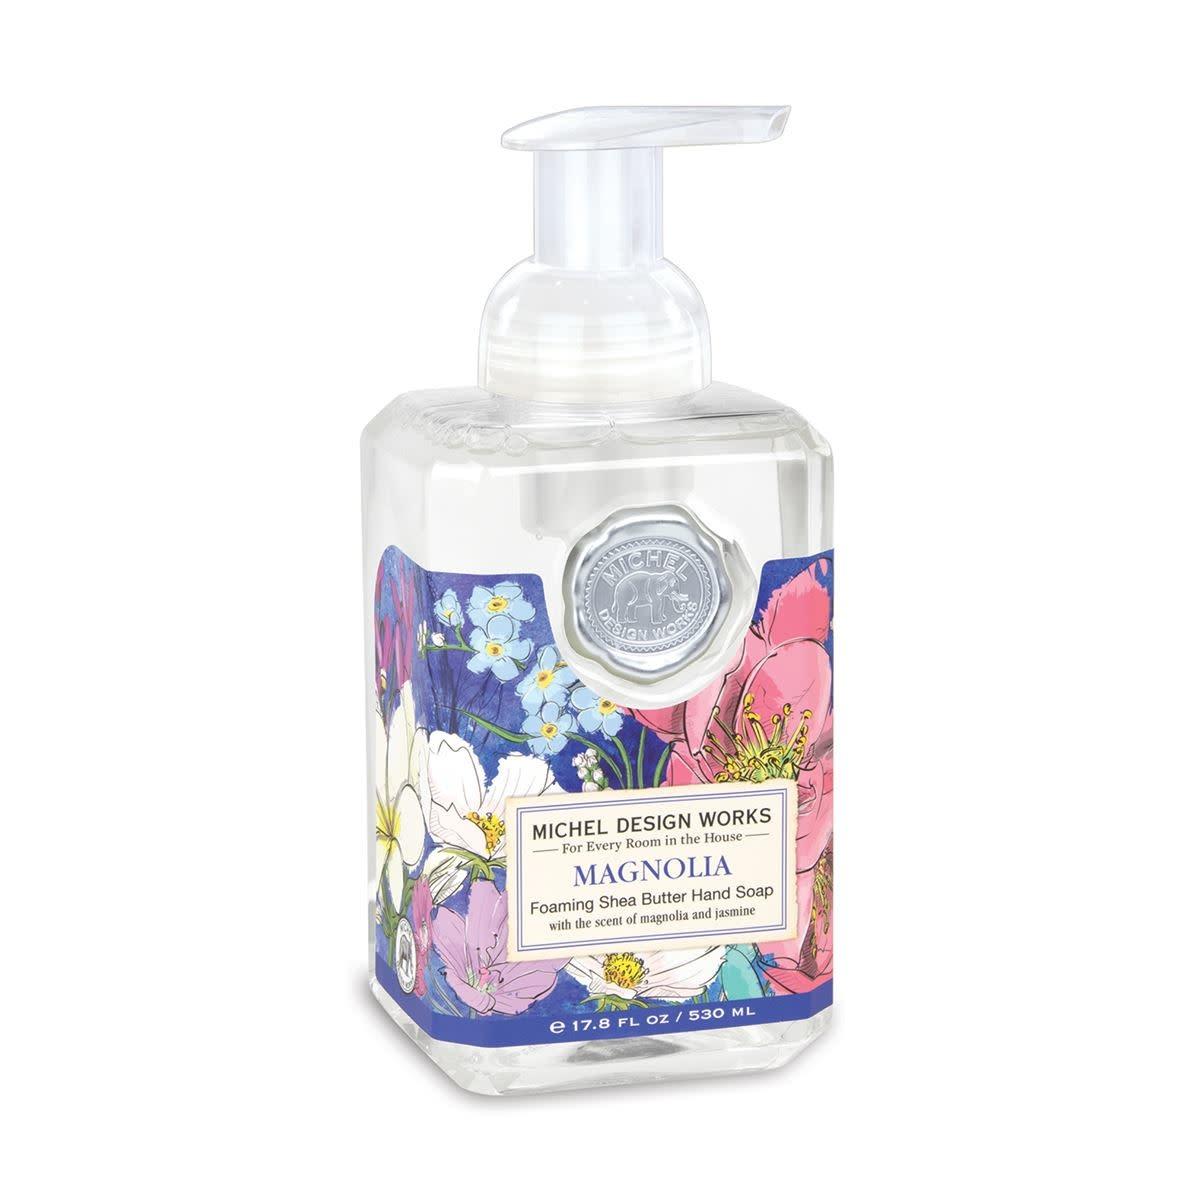 Michel Design Works Magnolia Foamer Soap